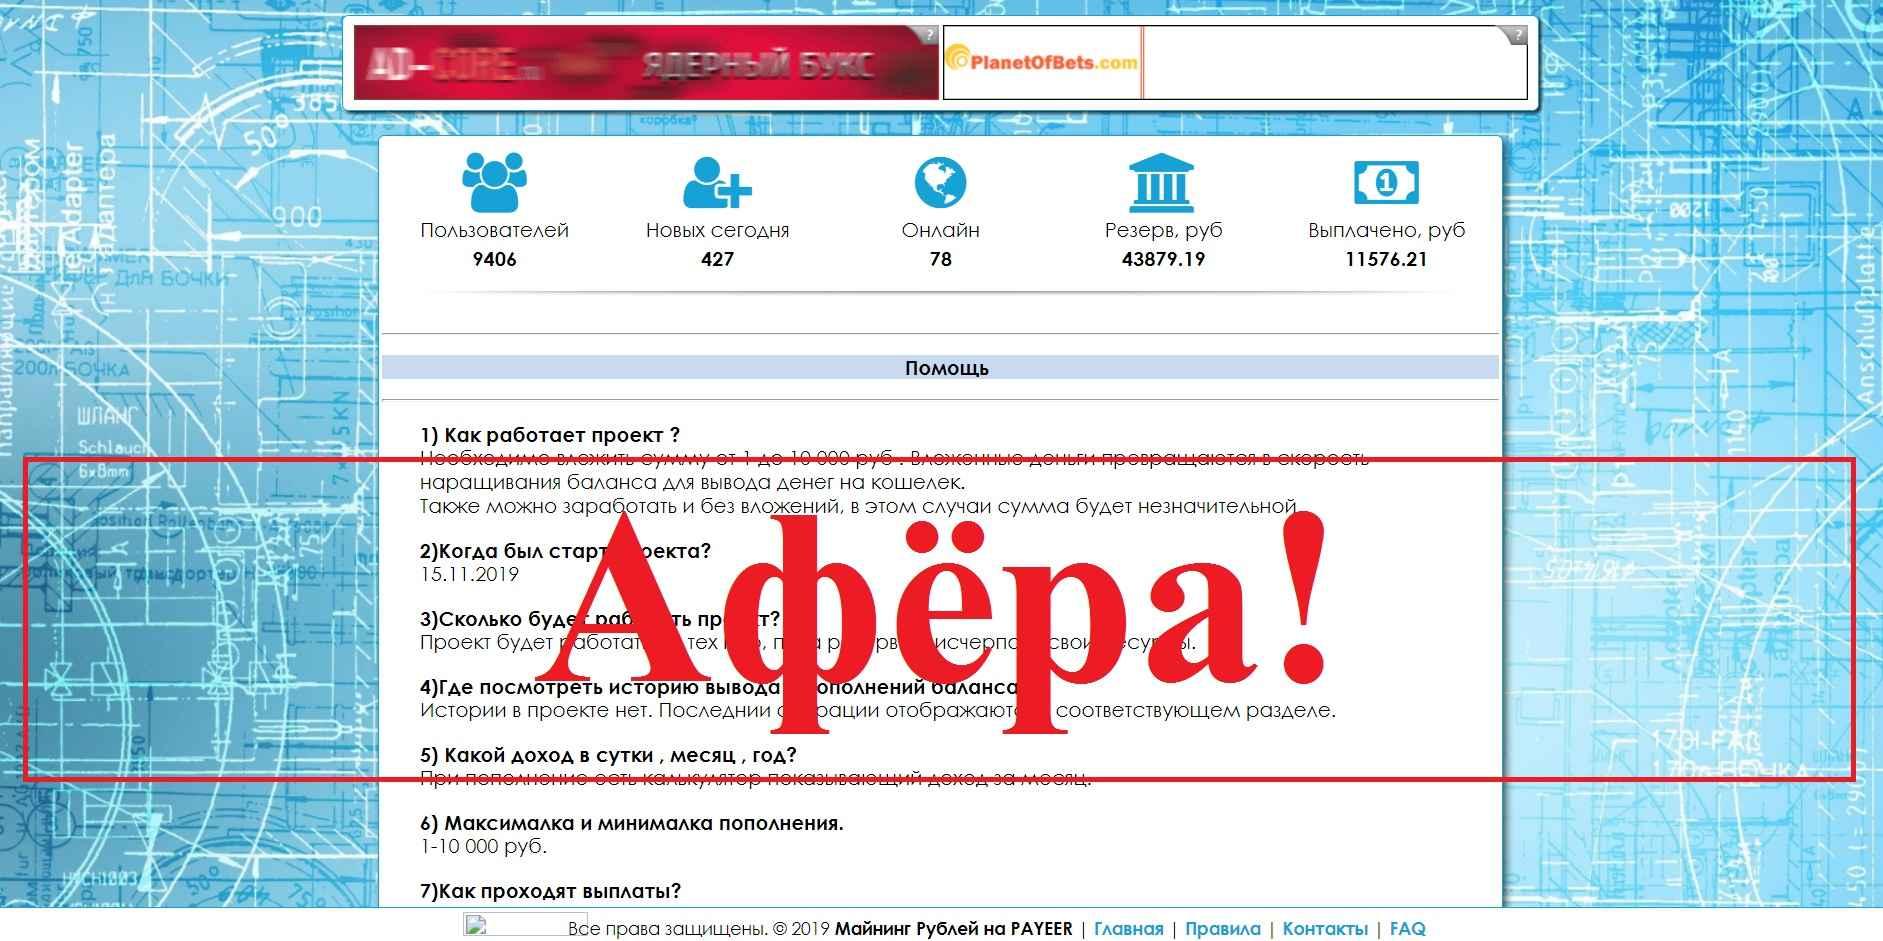 Майнинг Рублей на PAYEER – отзывы о procash-mining.ru